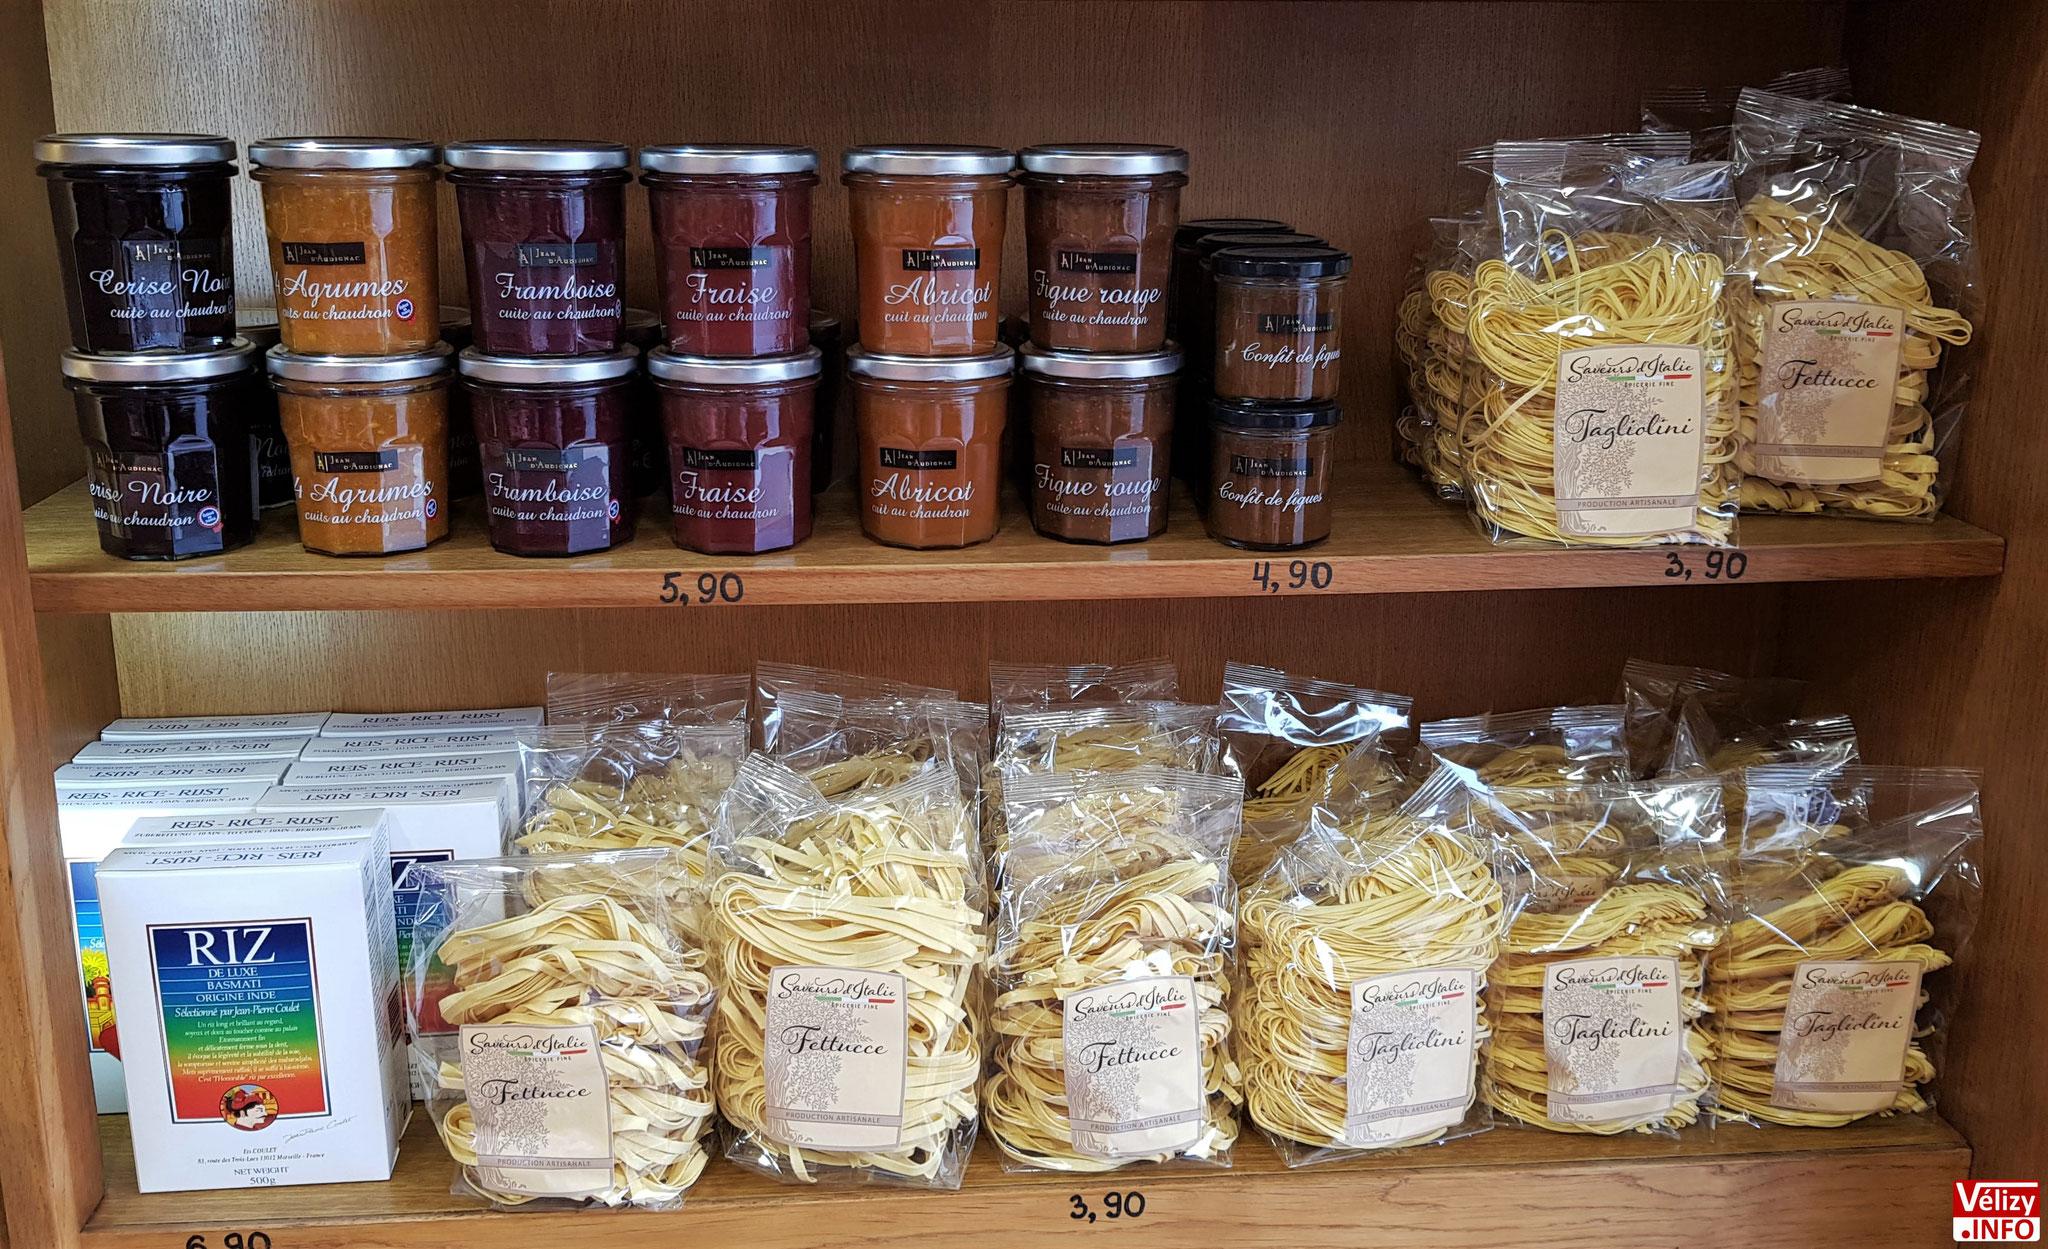 Épicerie Fine en vente à la Boucherie du Village - Chez Christophe à Vélizy-Villacoublay.